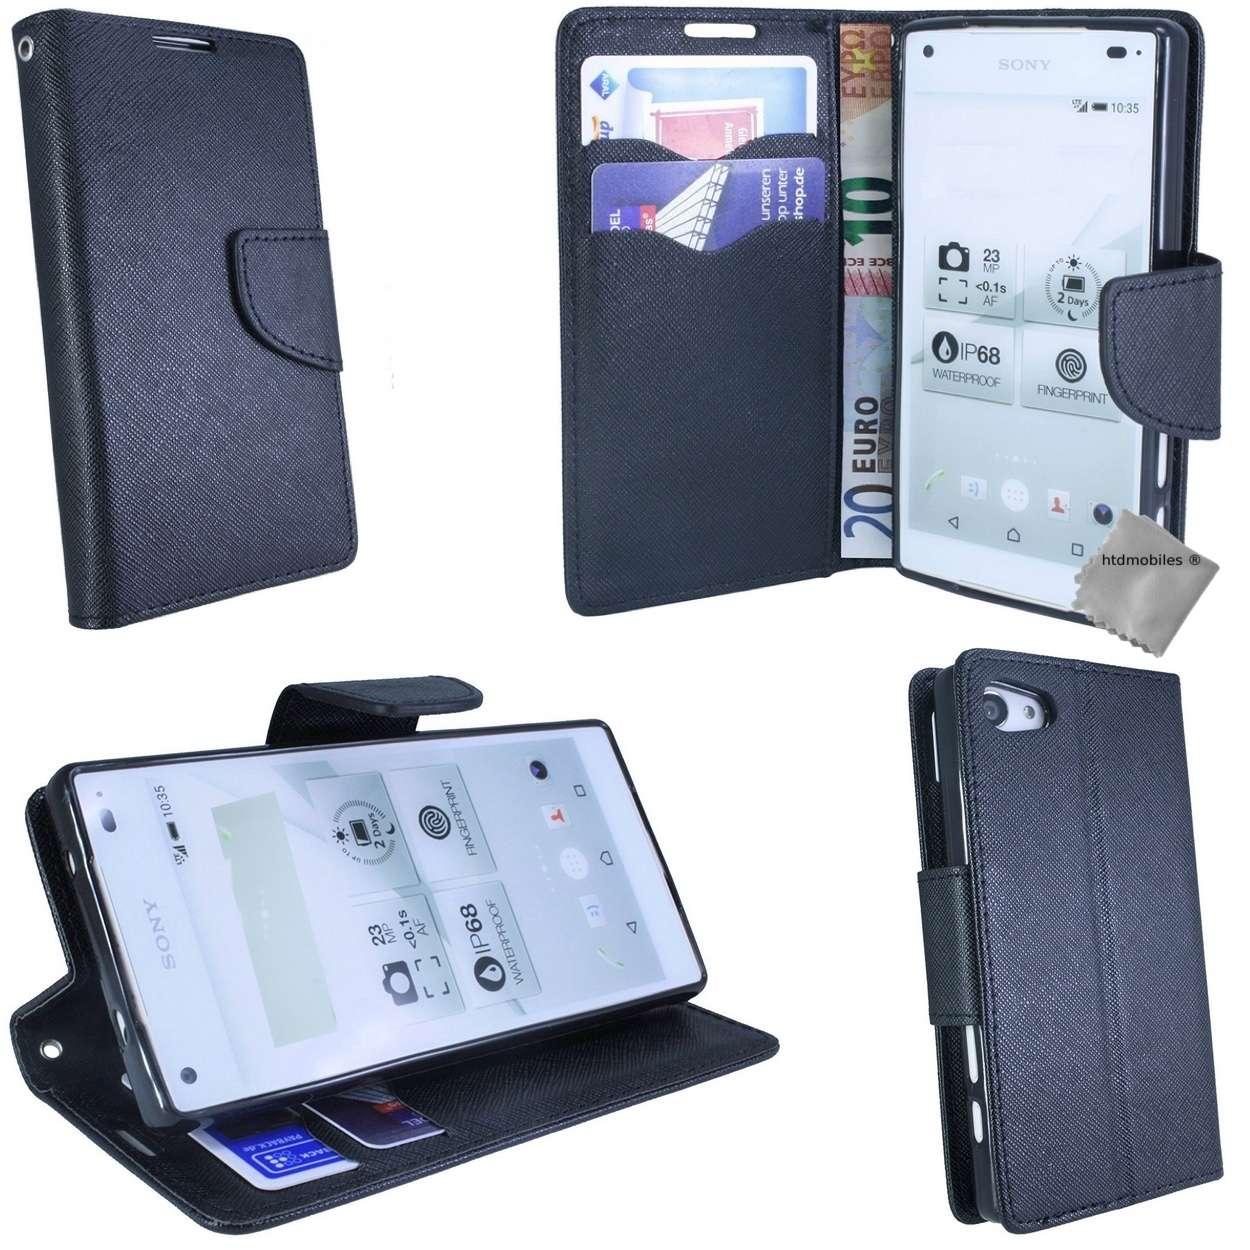 Housse-etui-coque-portefeuille-pour-Sony-Xperia-Z3-Compact-verre-trempe